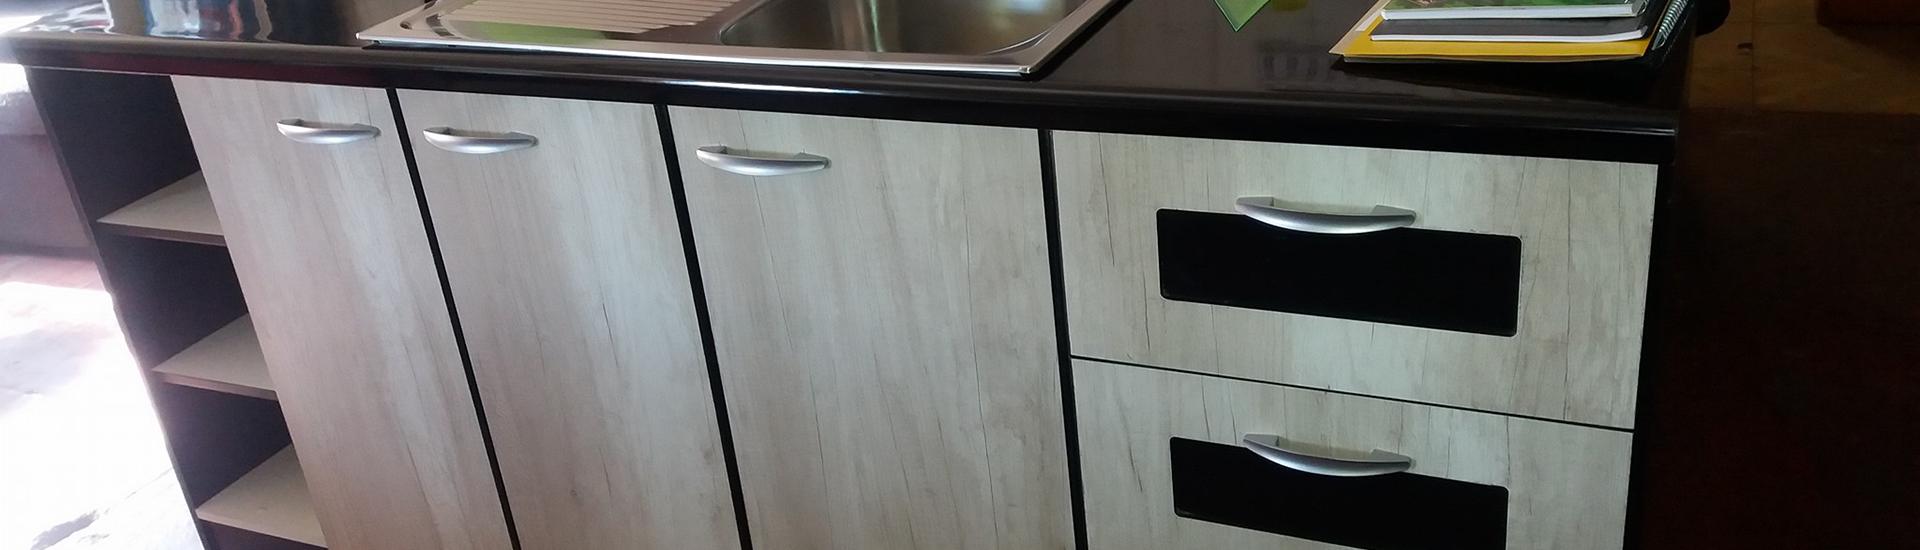 Fabricación de Muebles a medida en la sexta región | José Palma